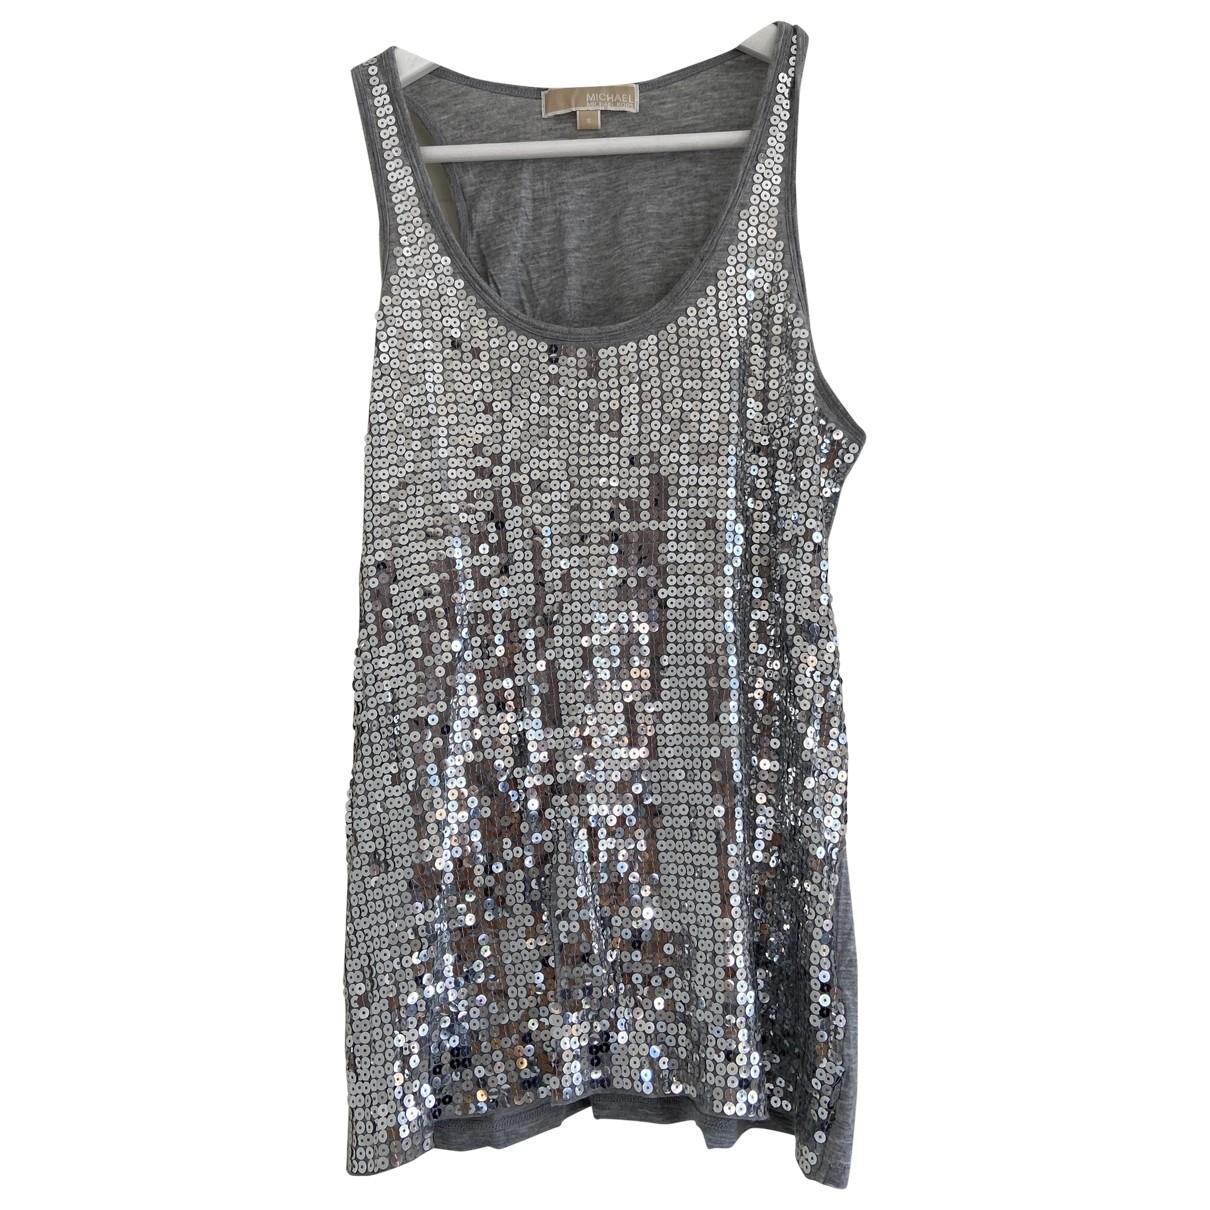 Michael Kors - Top   pour femme - gris